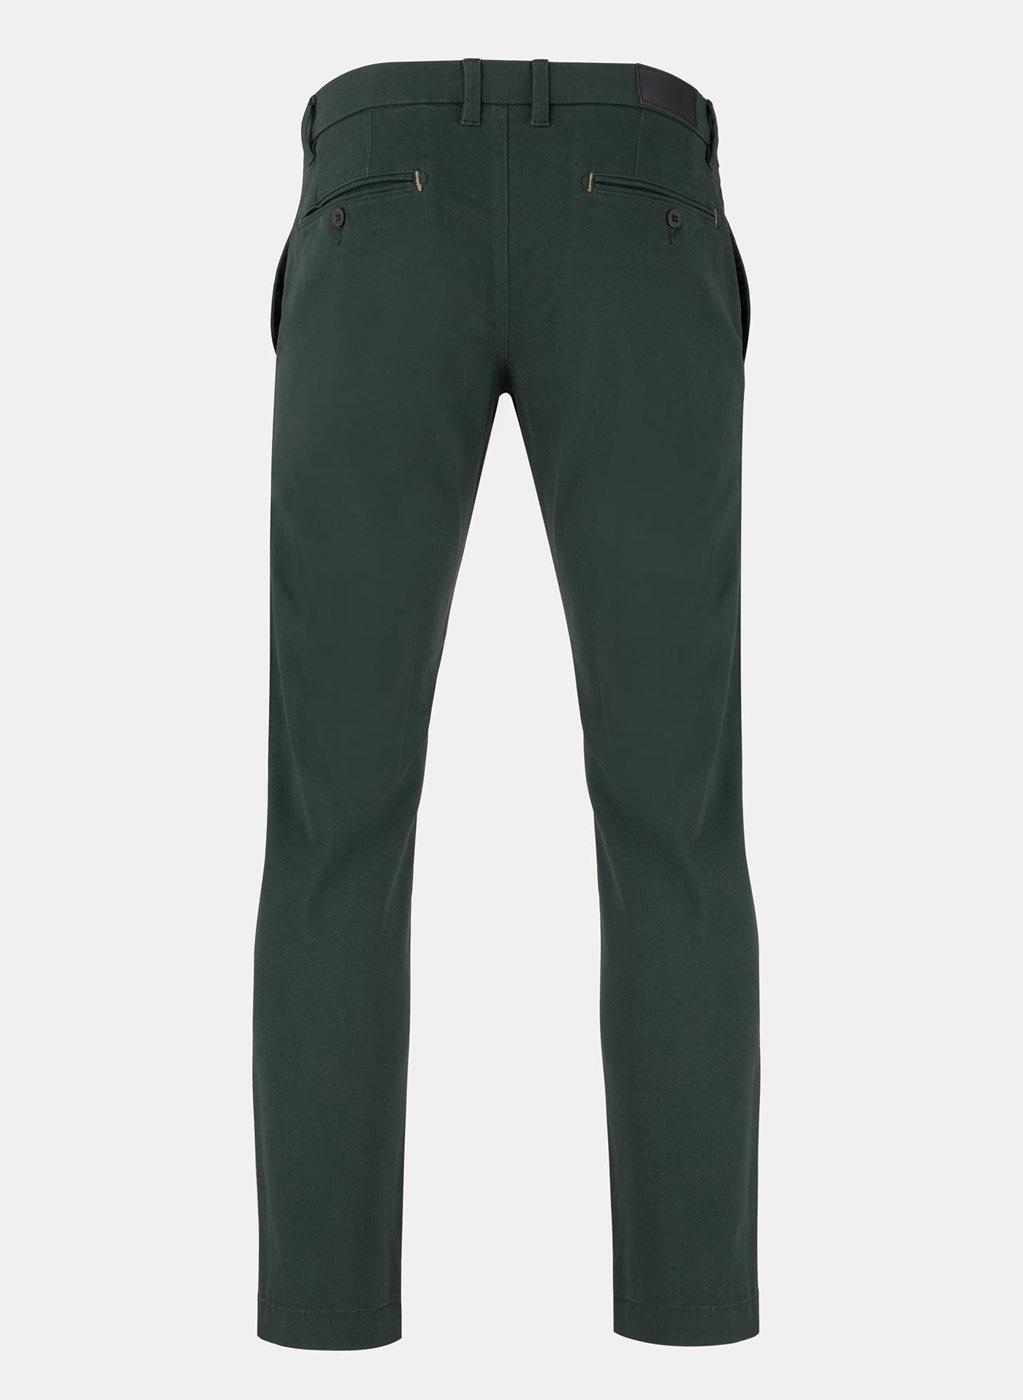 Spodnie męskie BENTON PLM-WX-191-Z